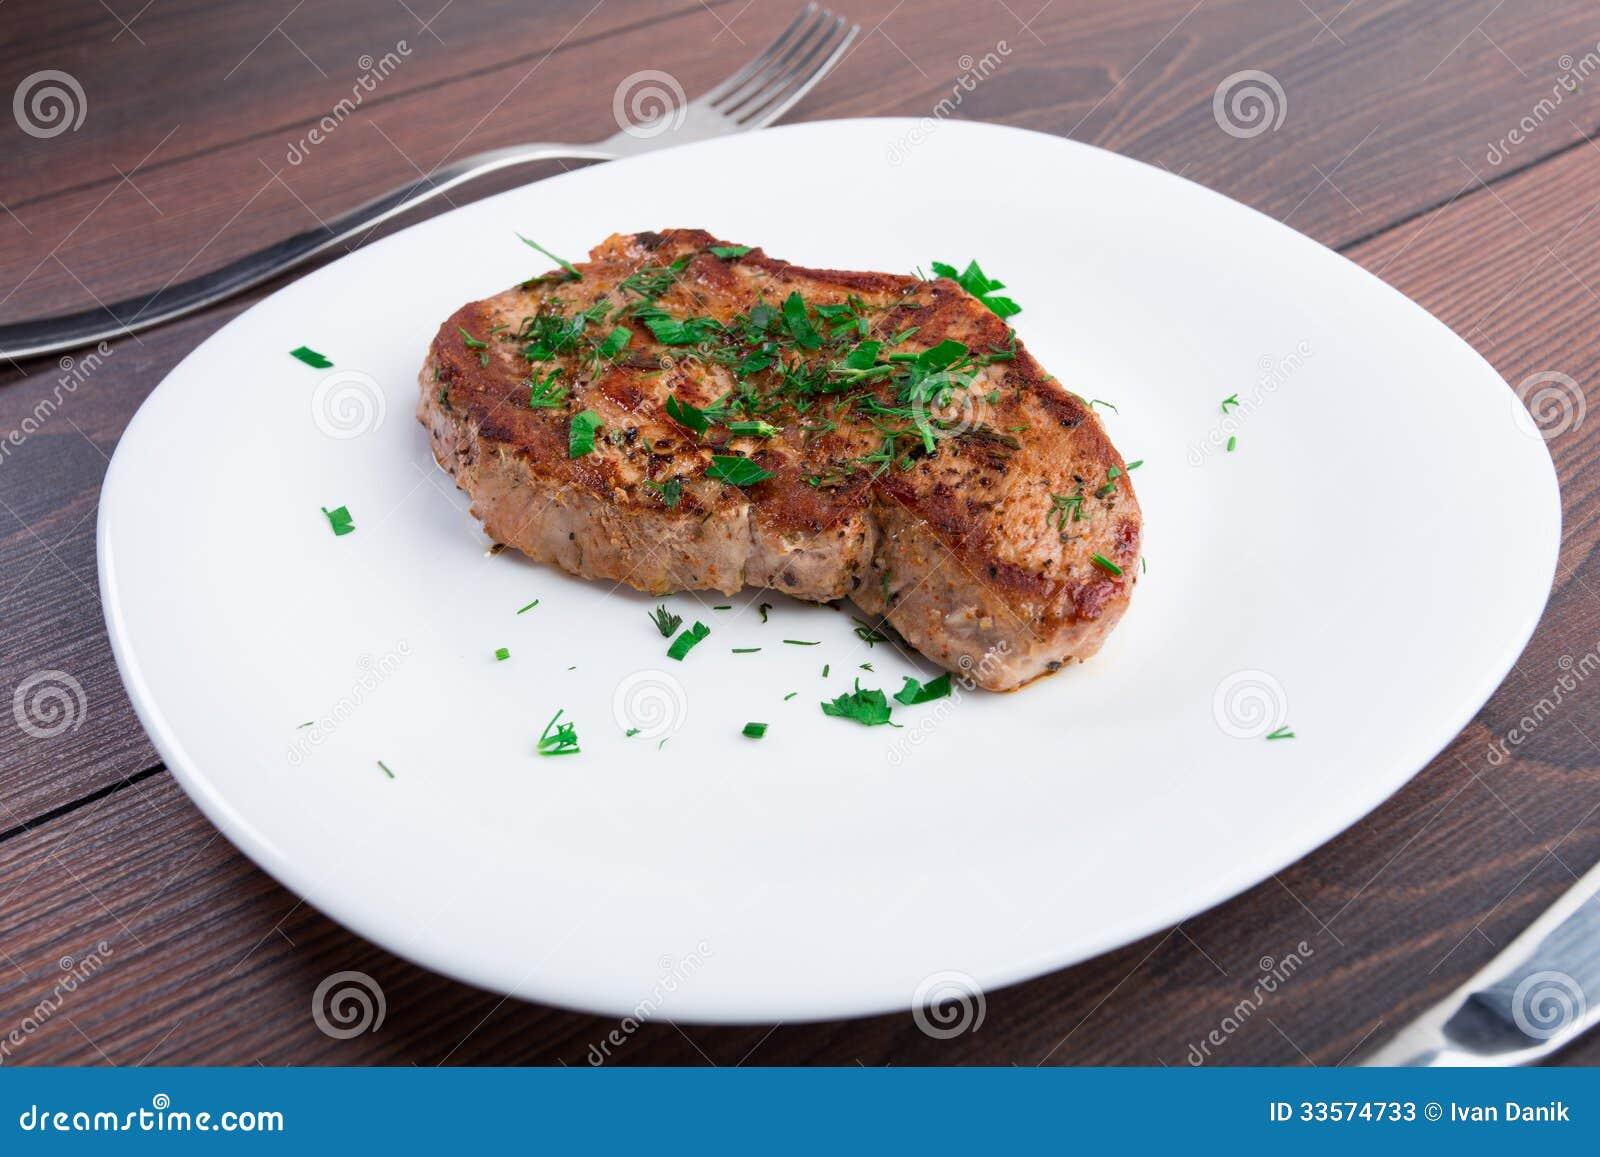 Grilled Steak On White...